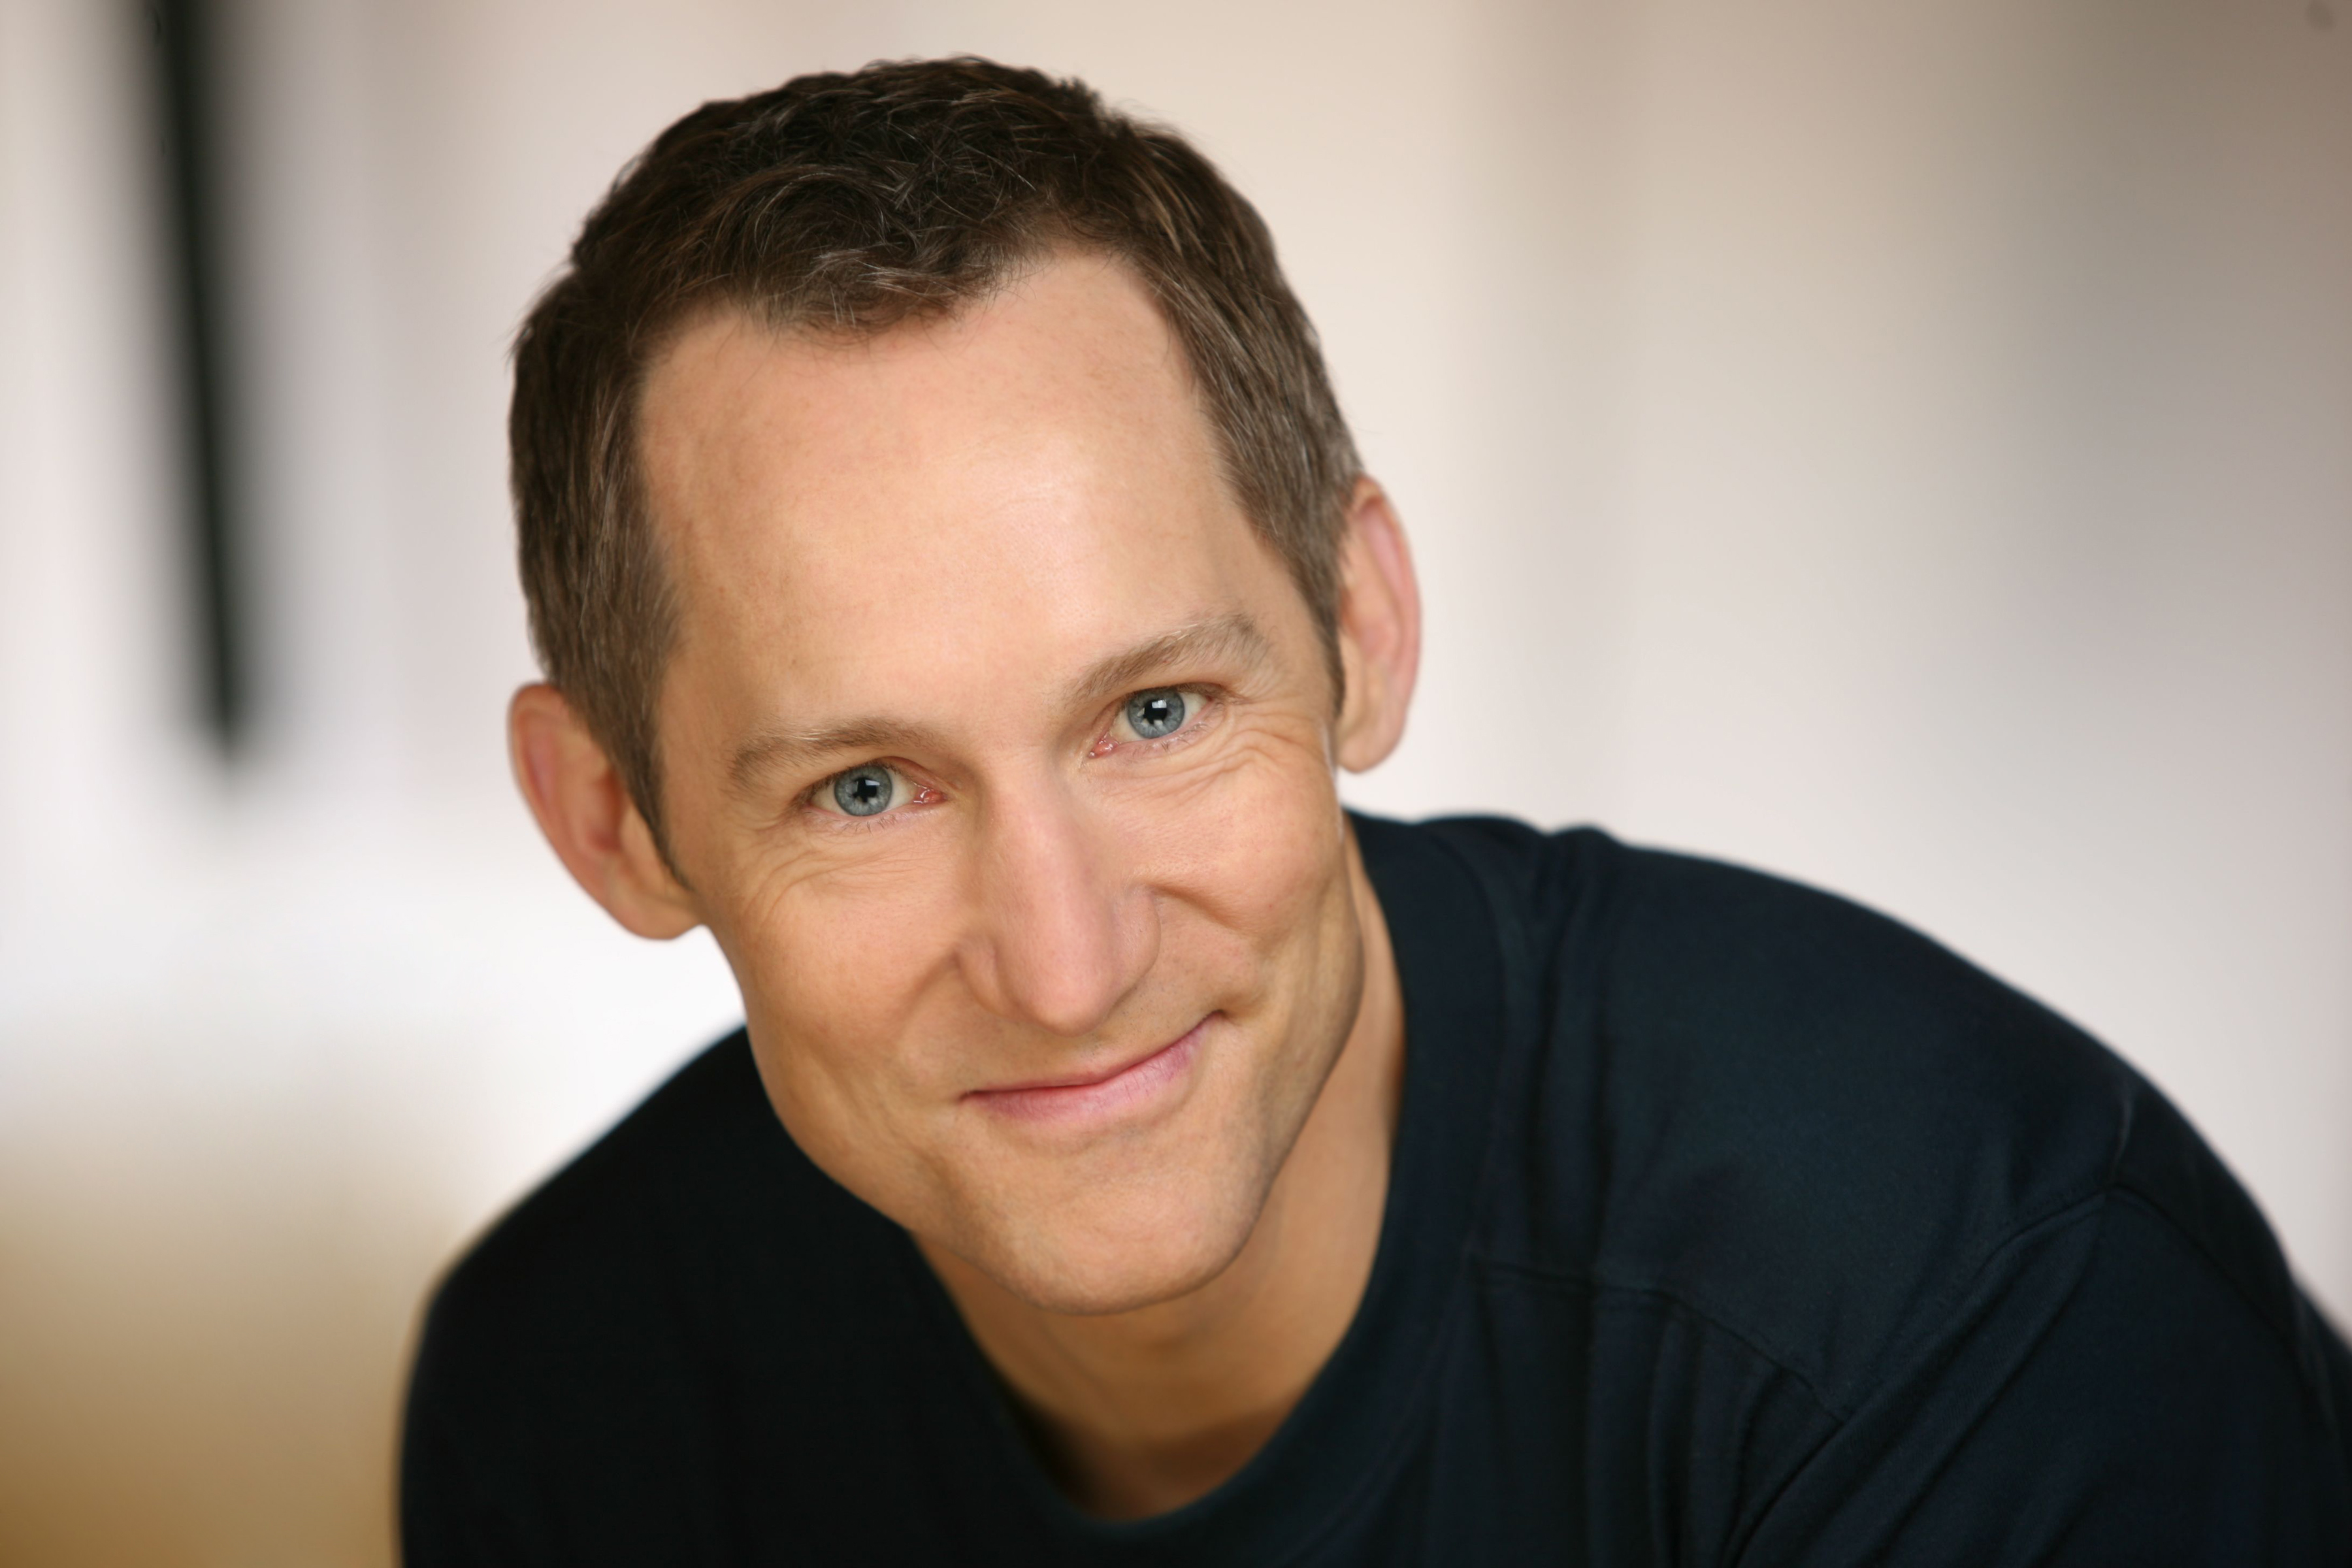 Doug Scholz-Carlson